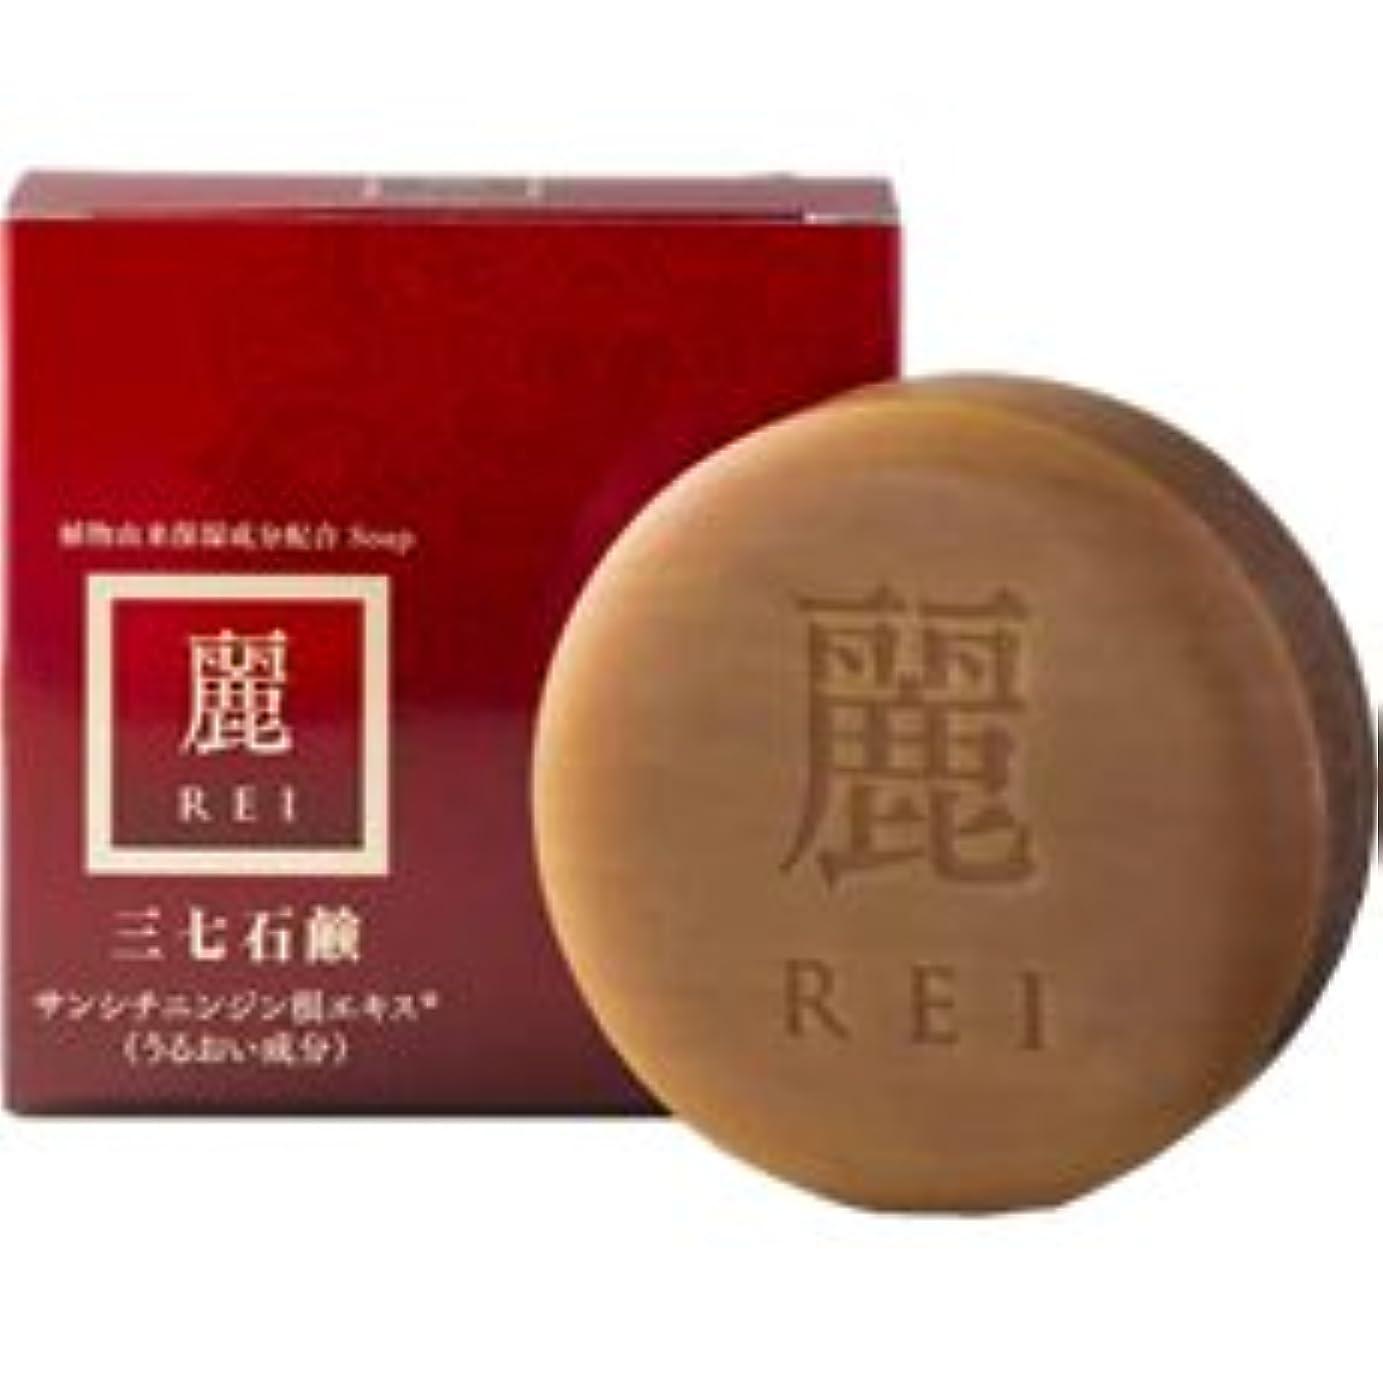 疑わしい掻くマラドロイト三七石鹸 麗(れい) 100g